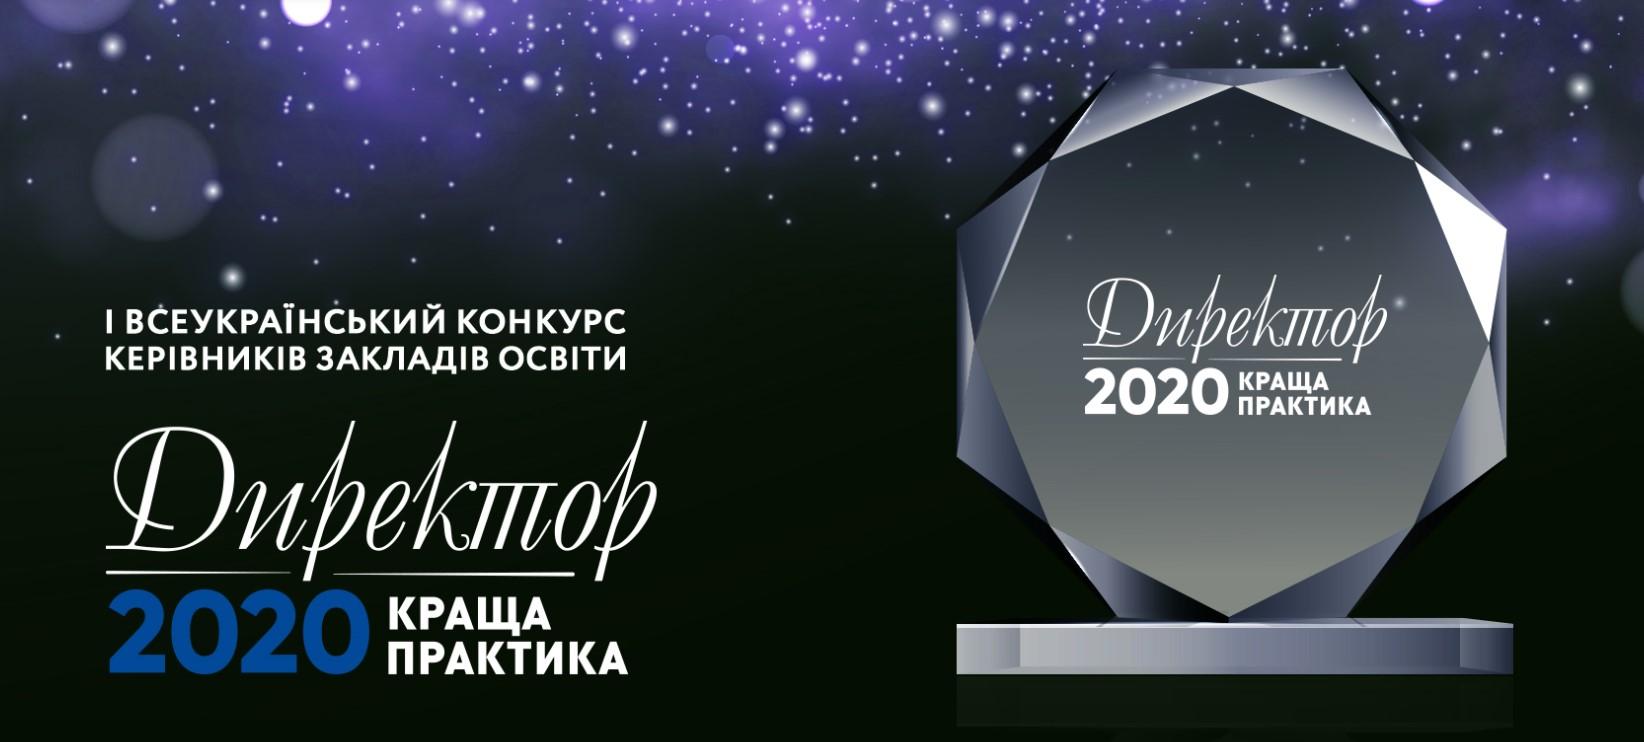 Dyrektoriv-zaproshuyut-na-konkurs-peremo